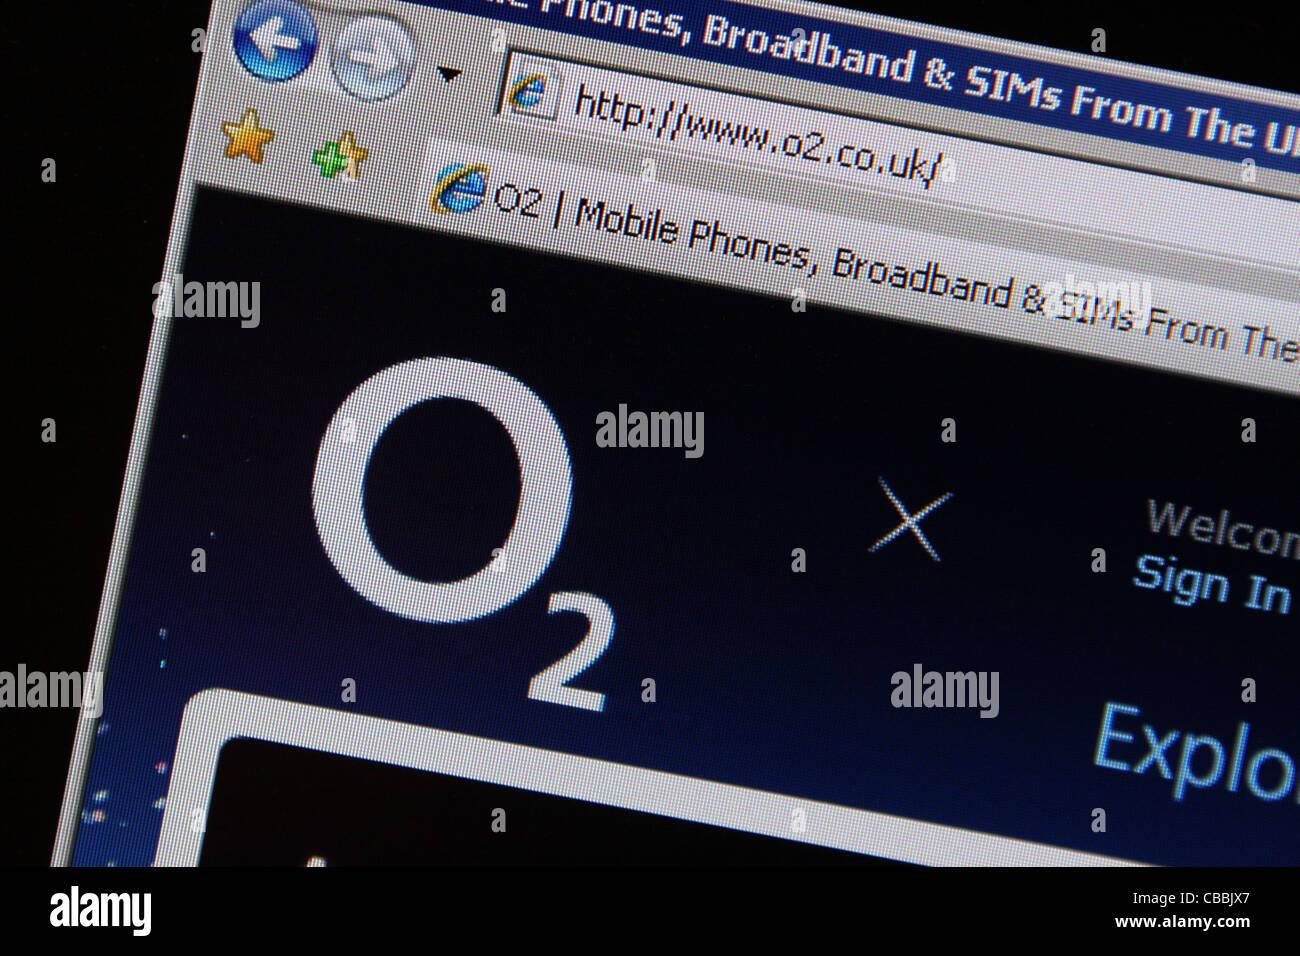 o2 website online - Stock Image